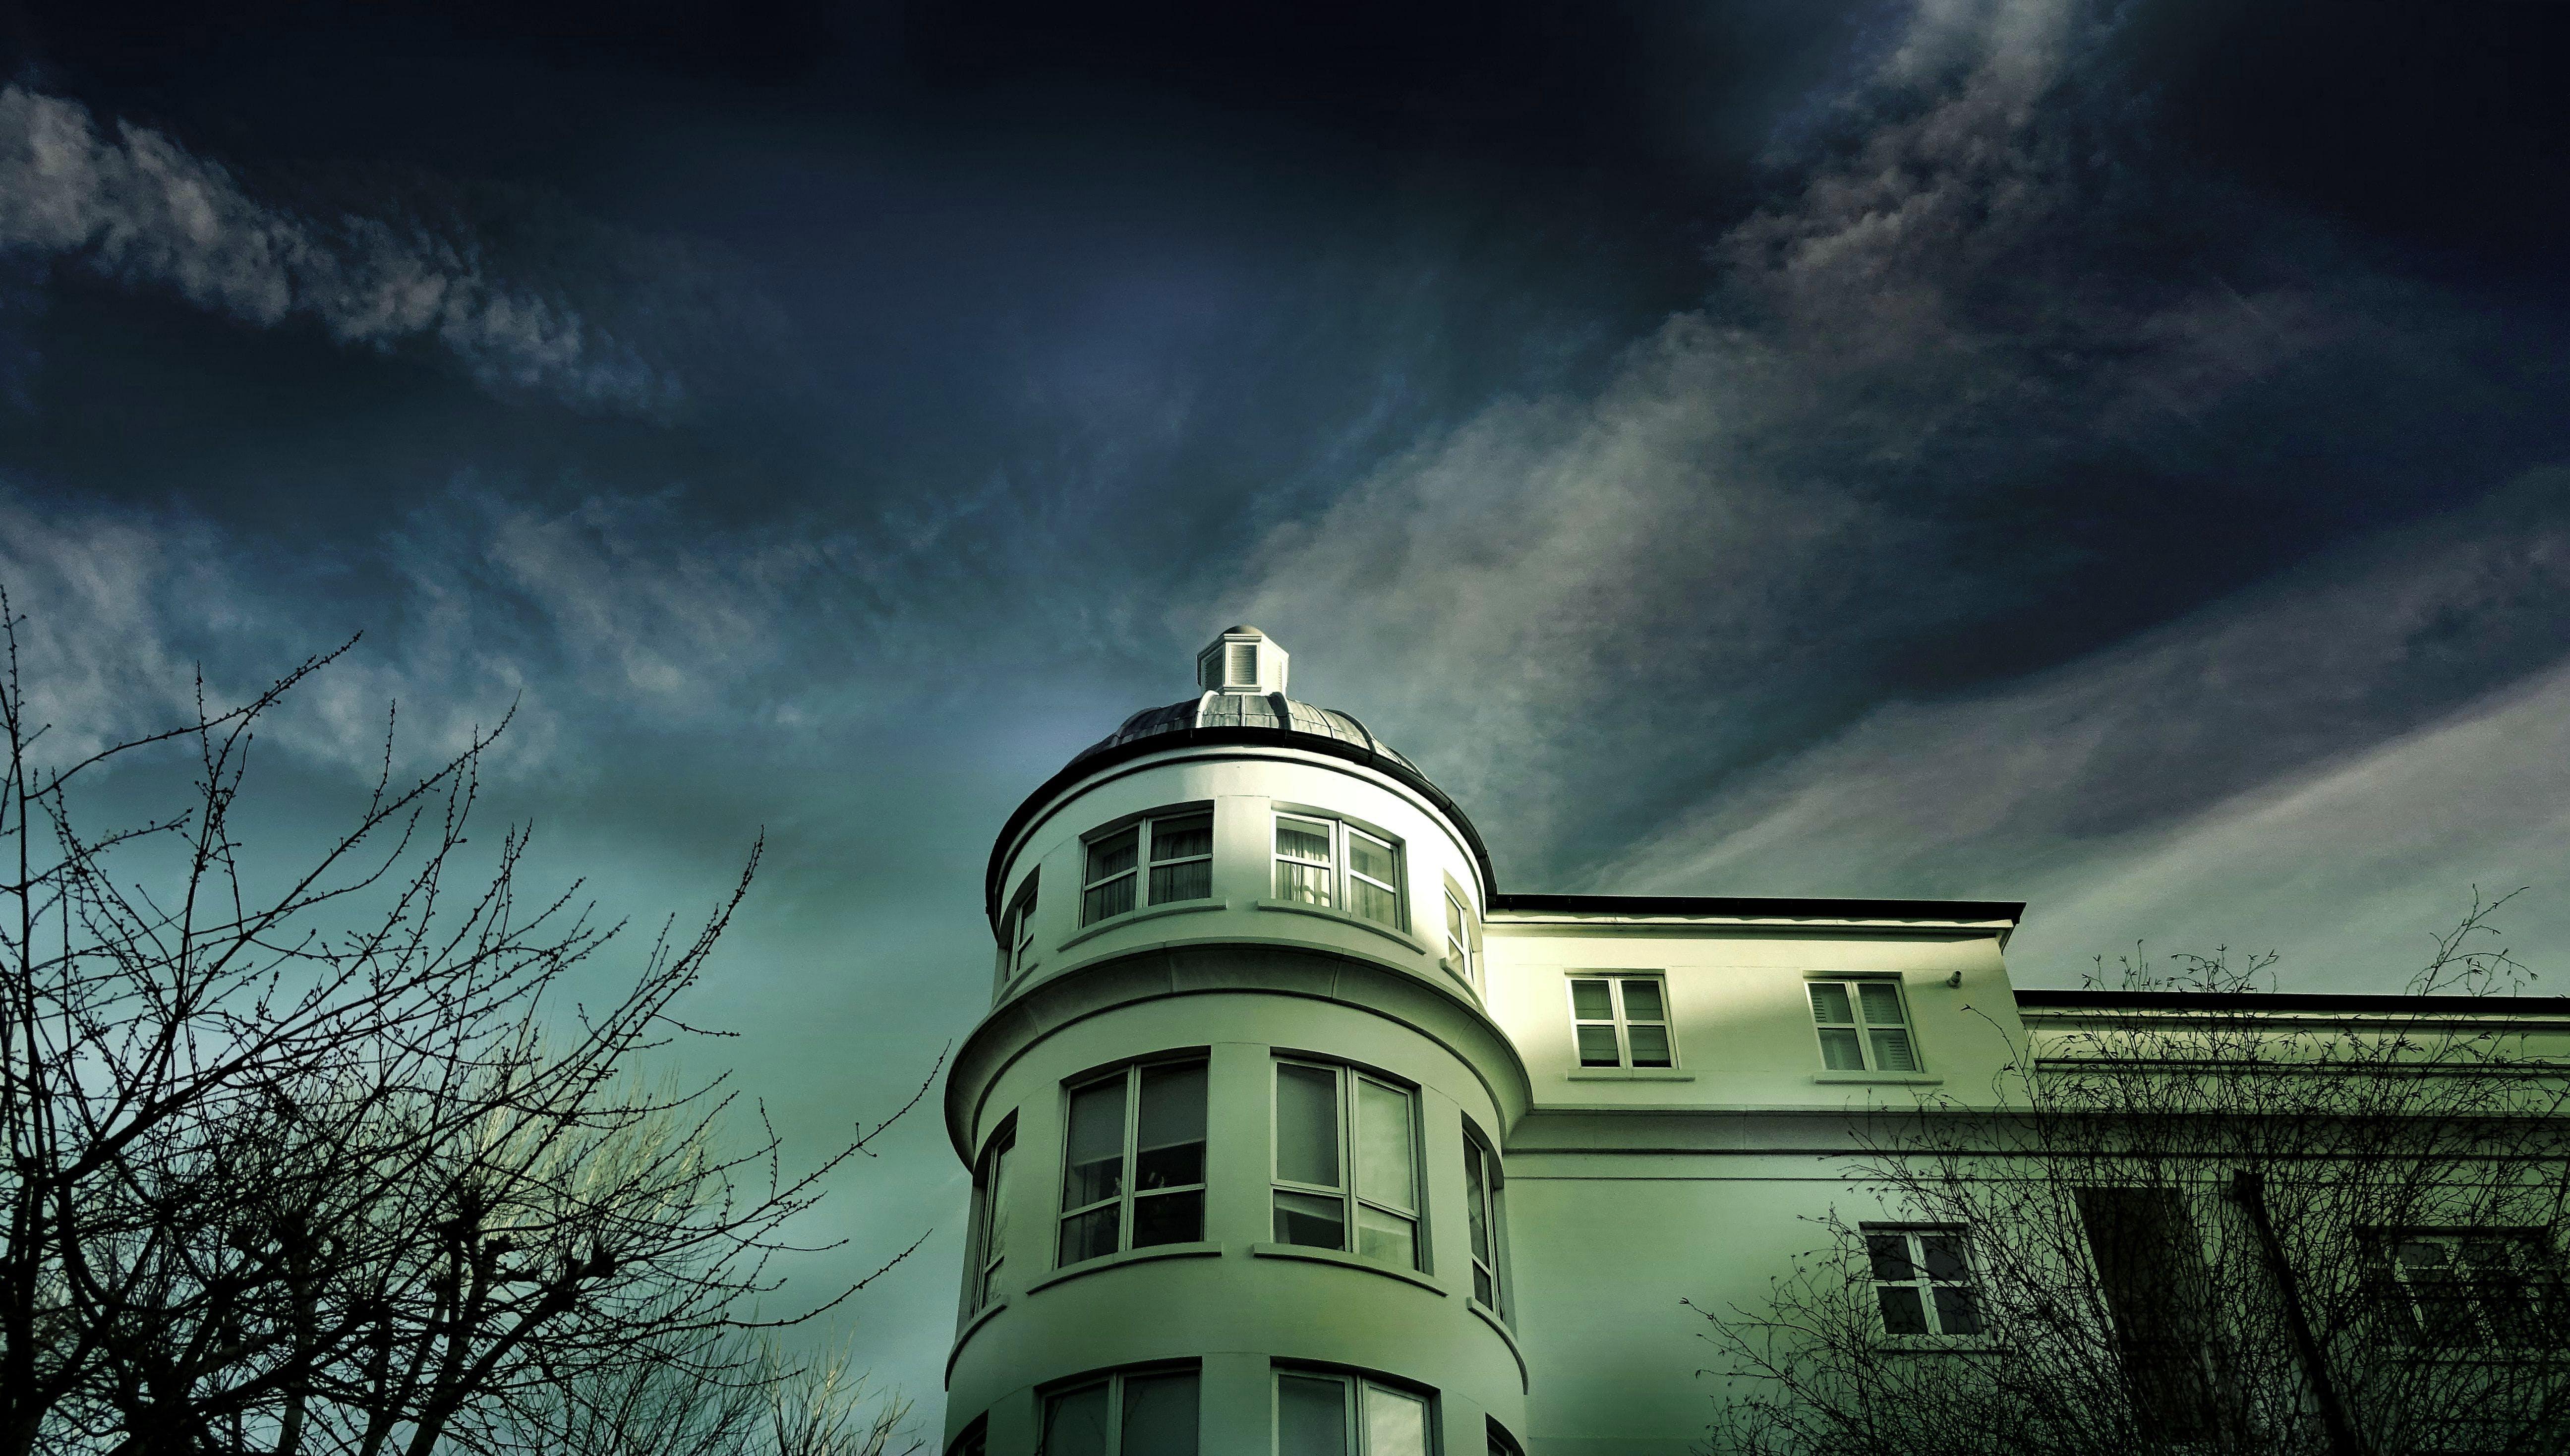 Kostenloses Stock Foto zu architektur, bäume, bewölkt, dom